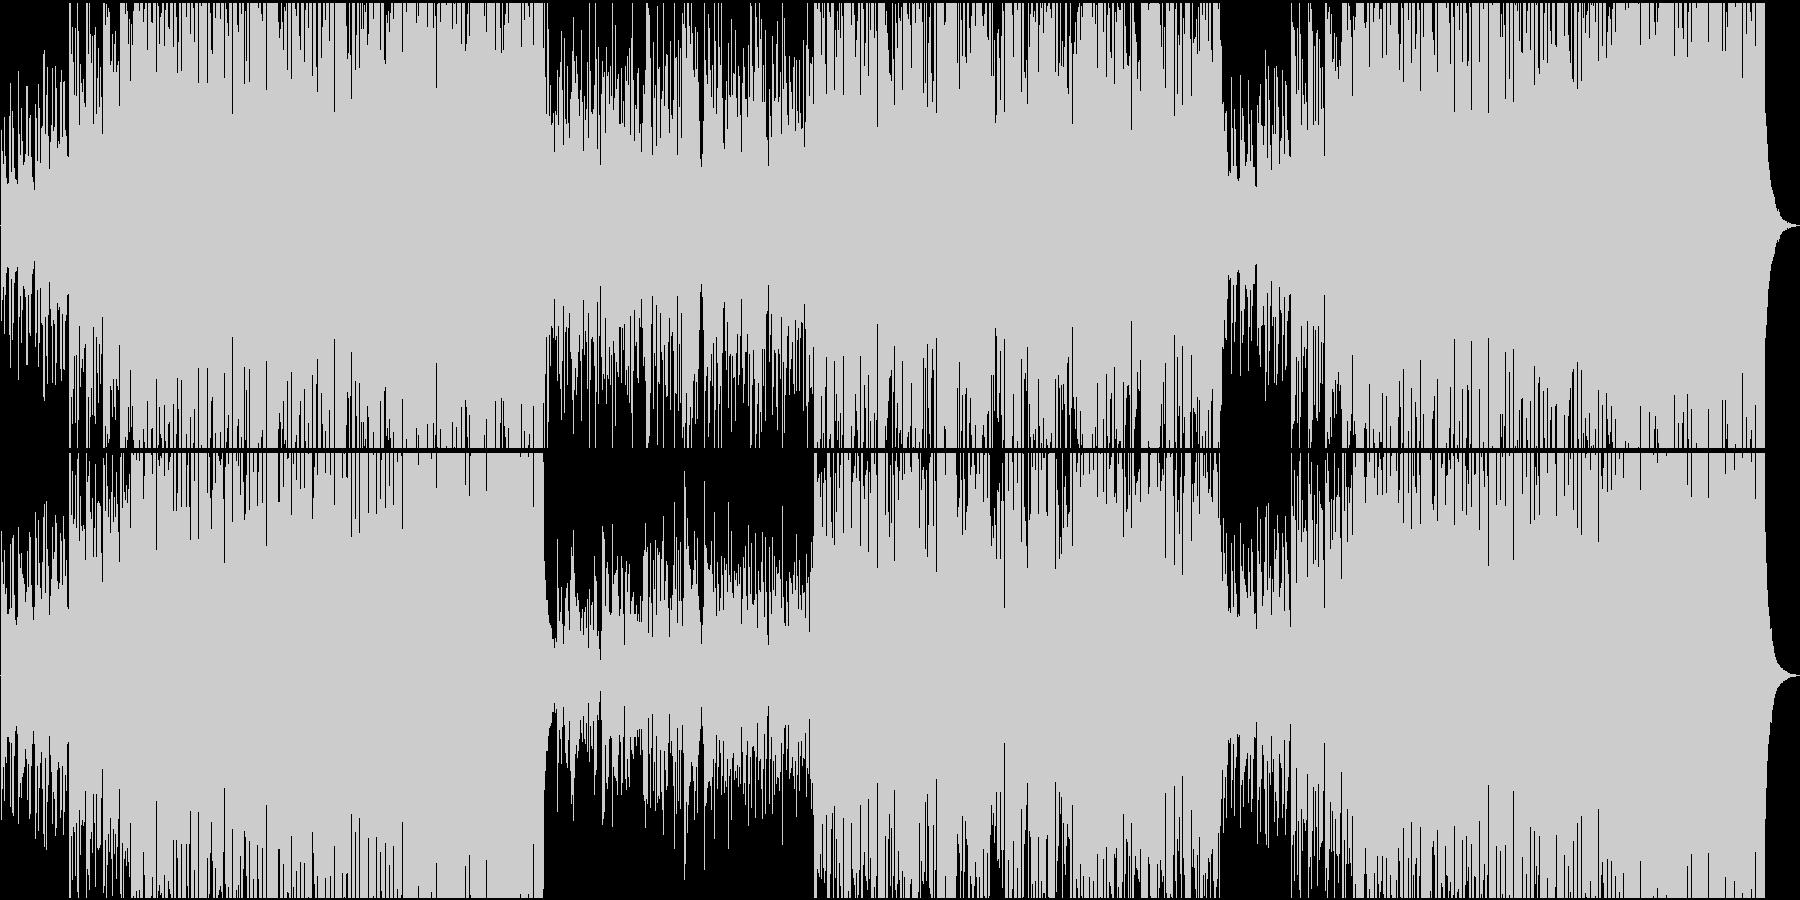 フィドルが楽しいい躍動感のあるケルト音楽の未再生の波形